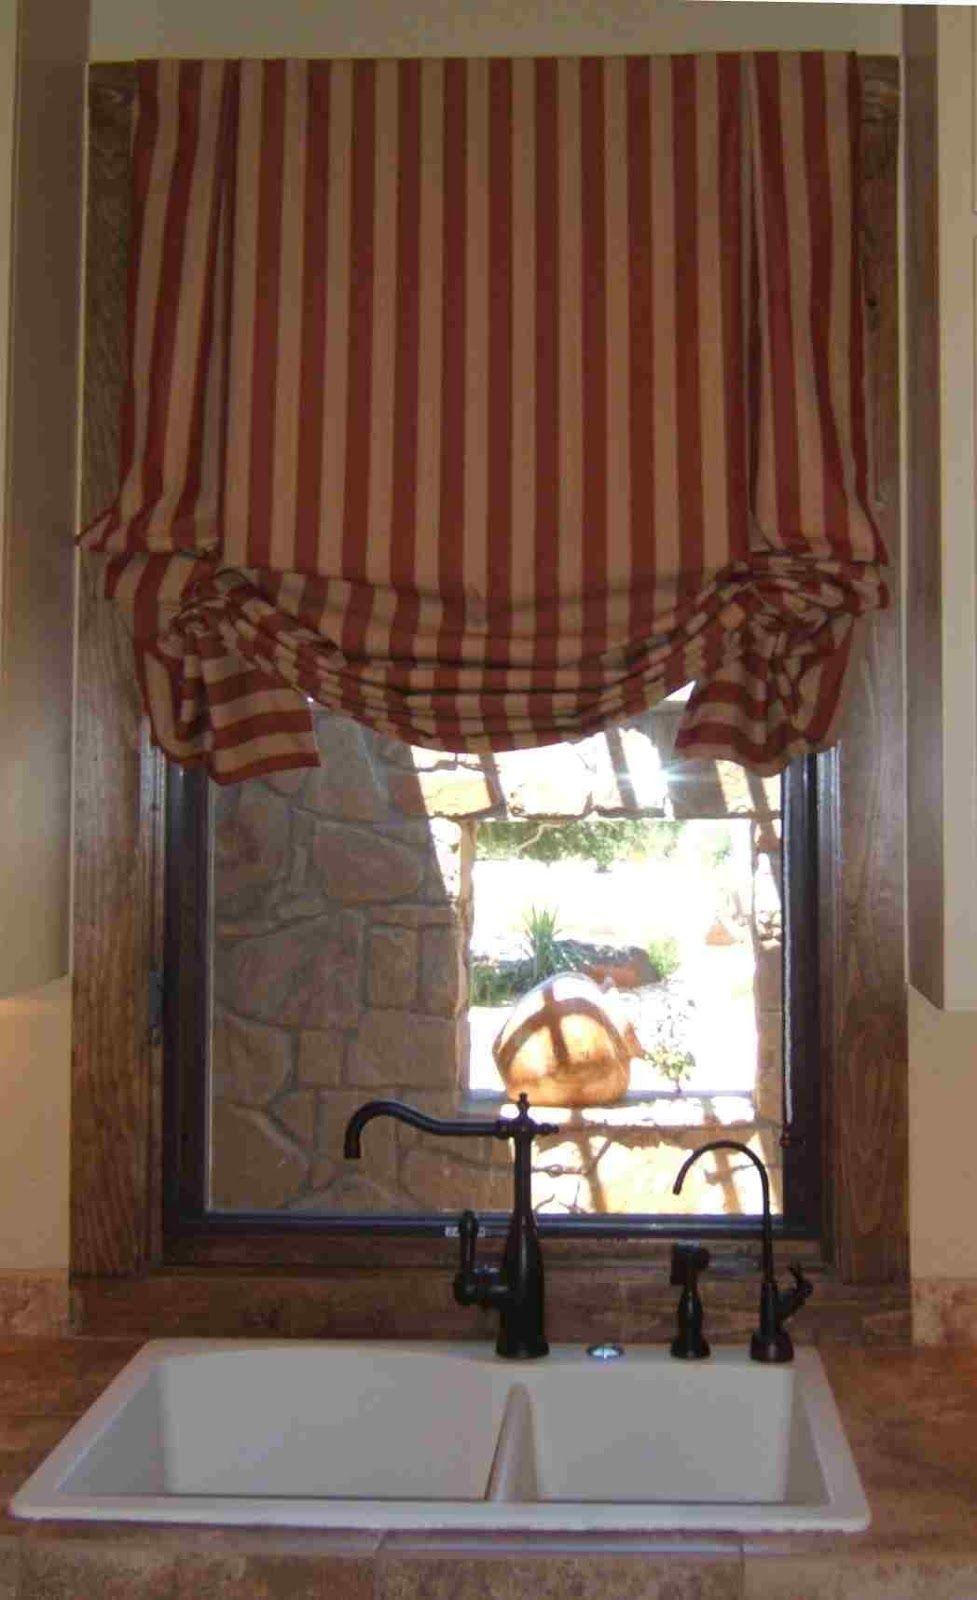 Diy balloon curtains - 19 Best Ideas About Window Treatments On Balloon